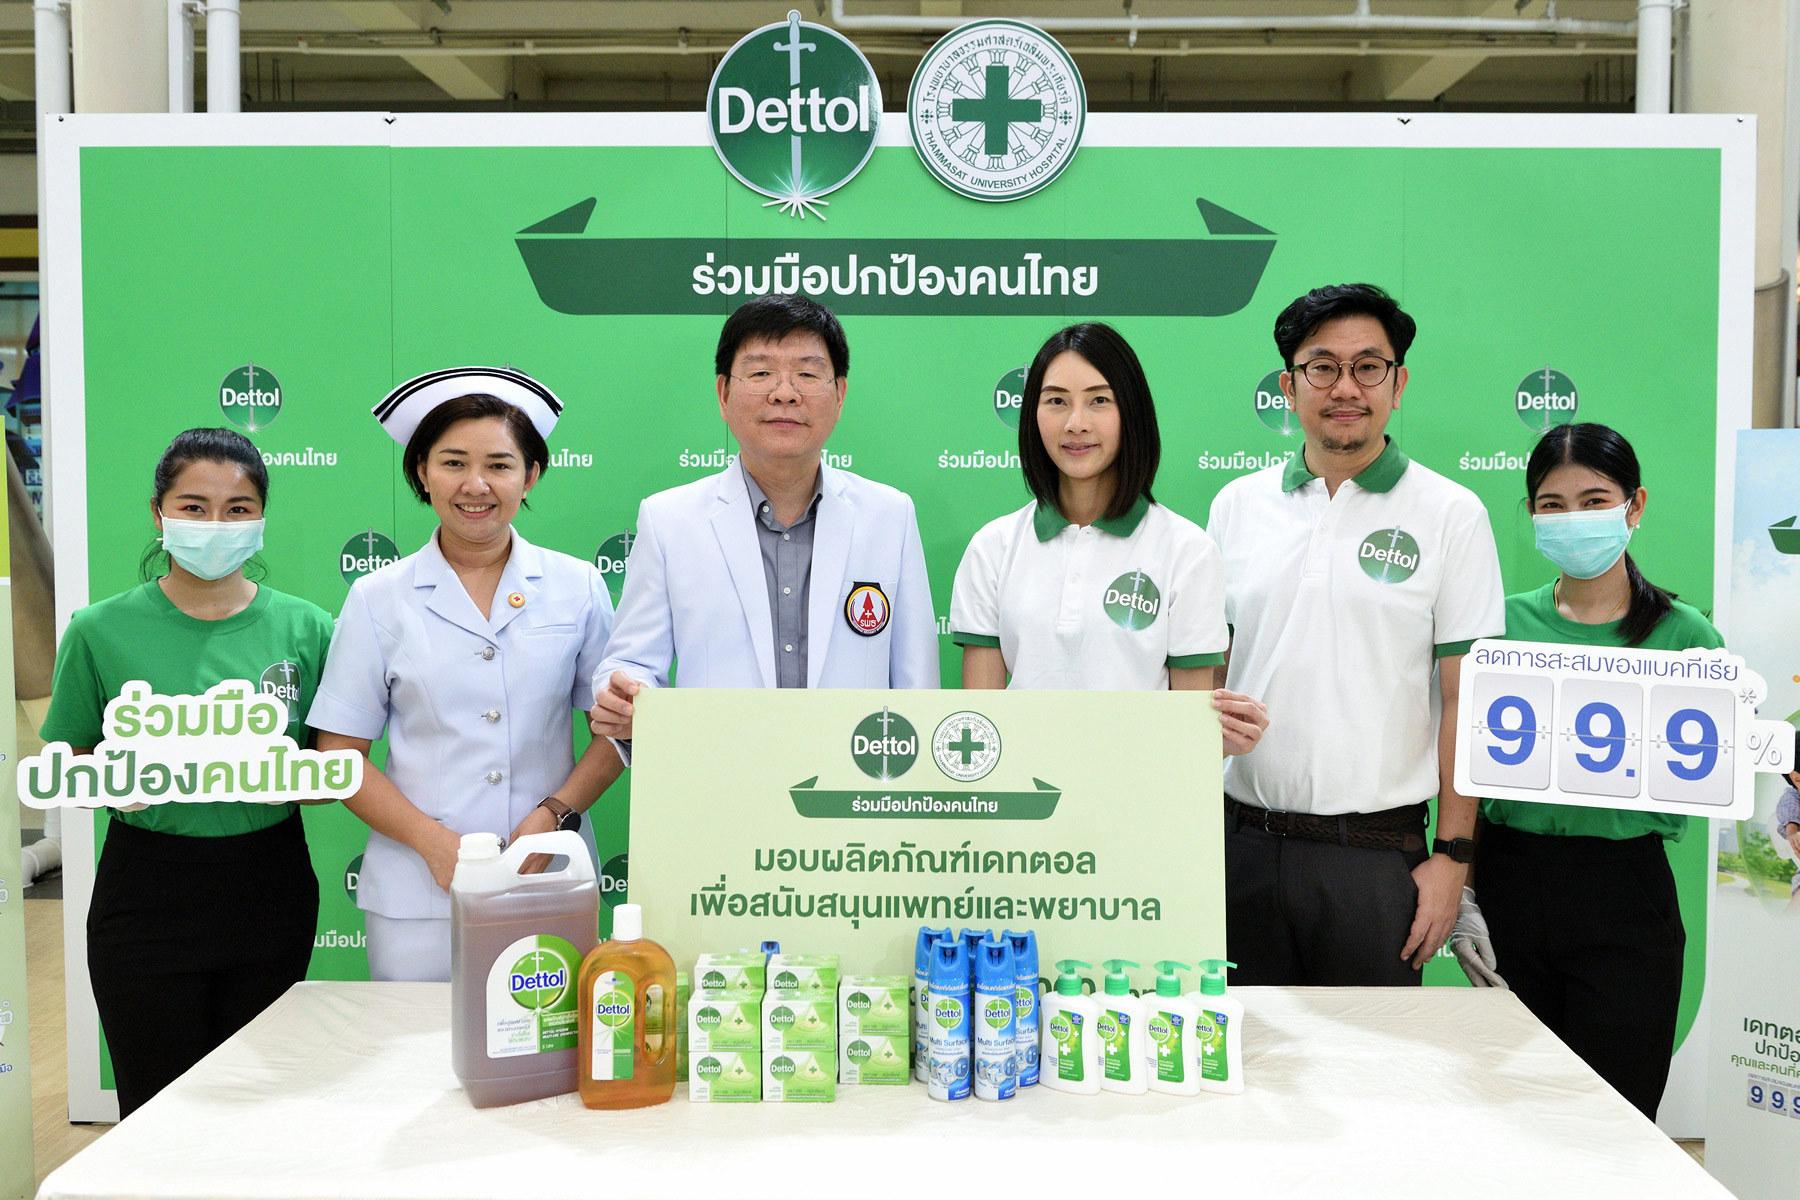 เดทตอล ร่วมรณรงค์ปกป้องคนไทย สนับสนุนการปฏิบัติงานของแพทย์และพยาบาล โรงพยาบาลธรรมศาสตร์เฉลิมพระเกียรติ